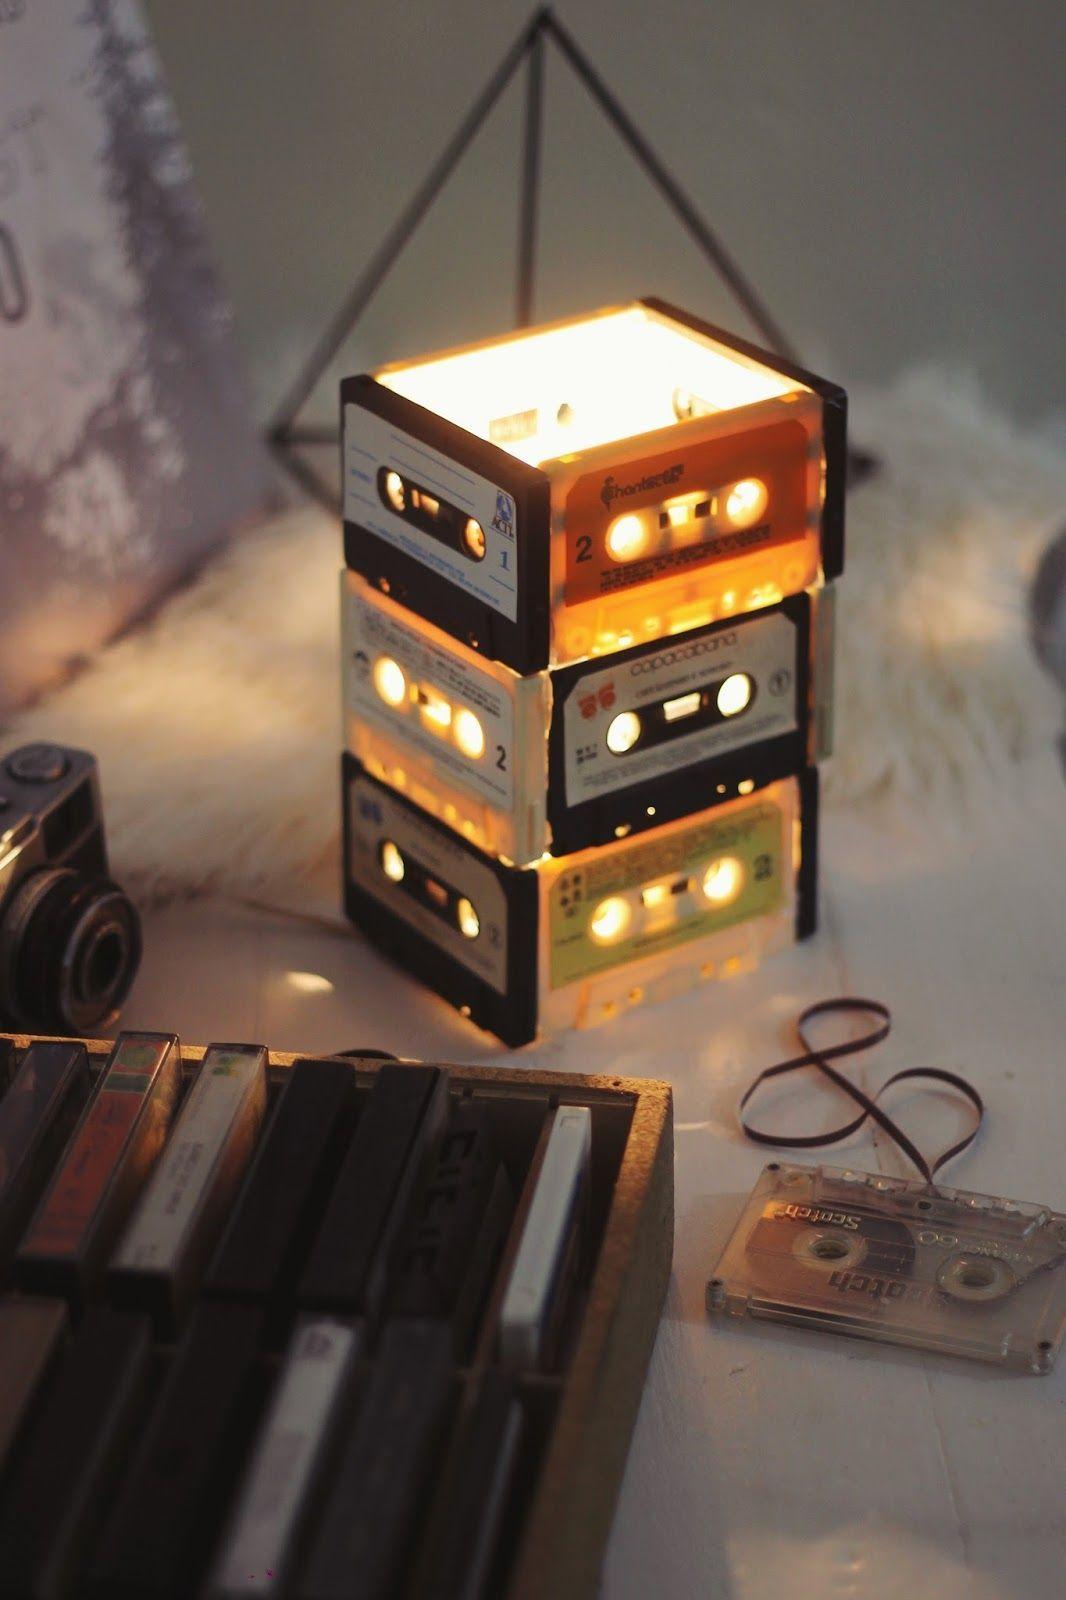 Tem dessas em casa ainda? Aqui, as antigas fitas cassetes deram vida a uma luminária original